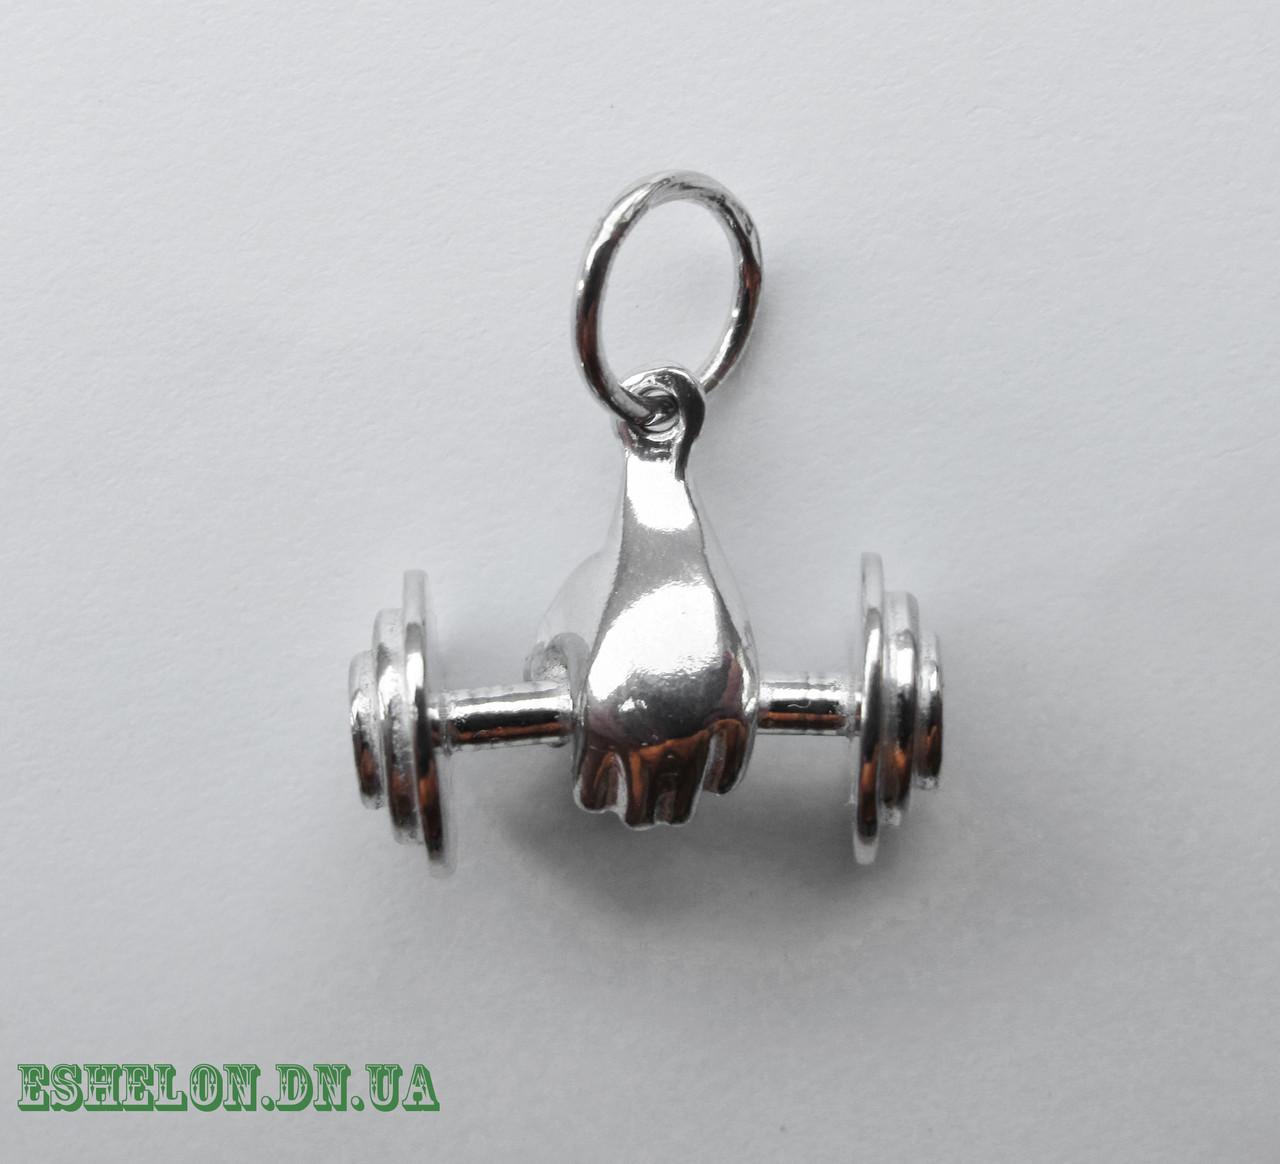 Подвеска серебряная Штанга Бодибилдер малая